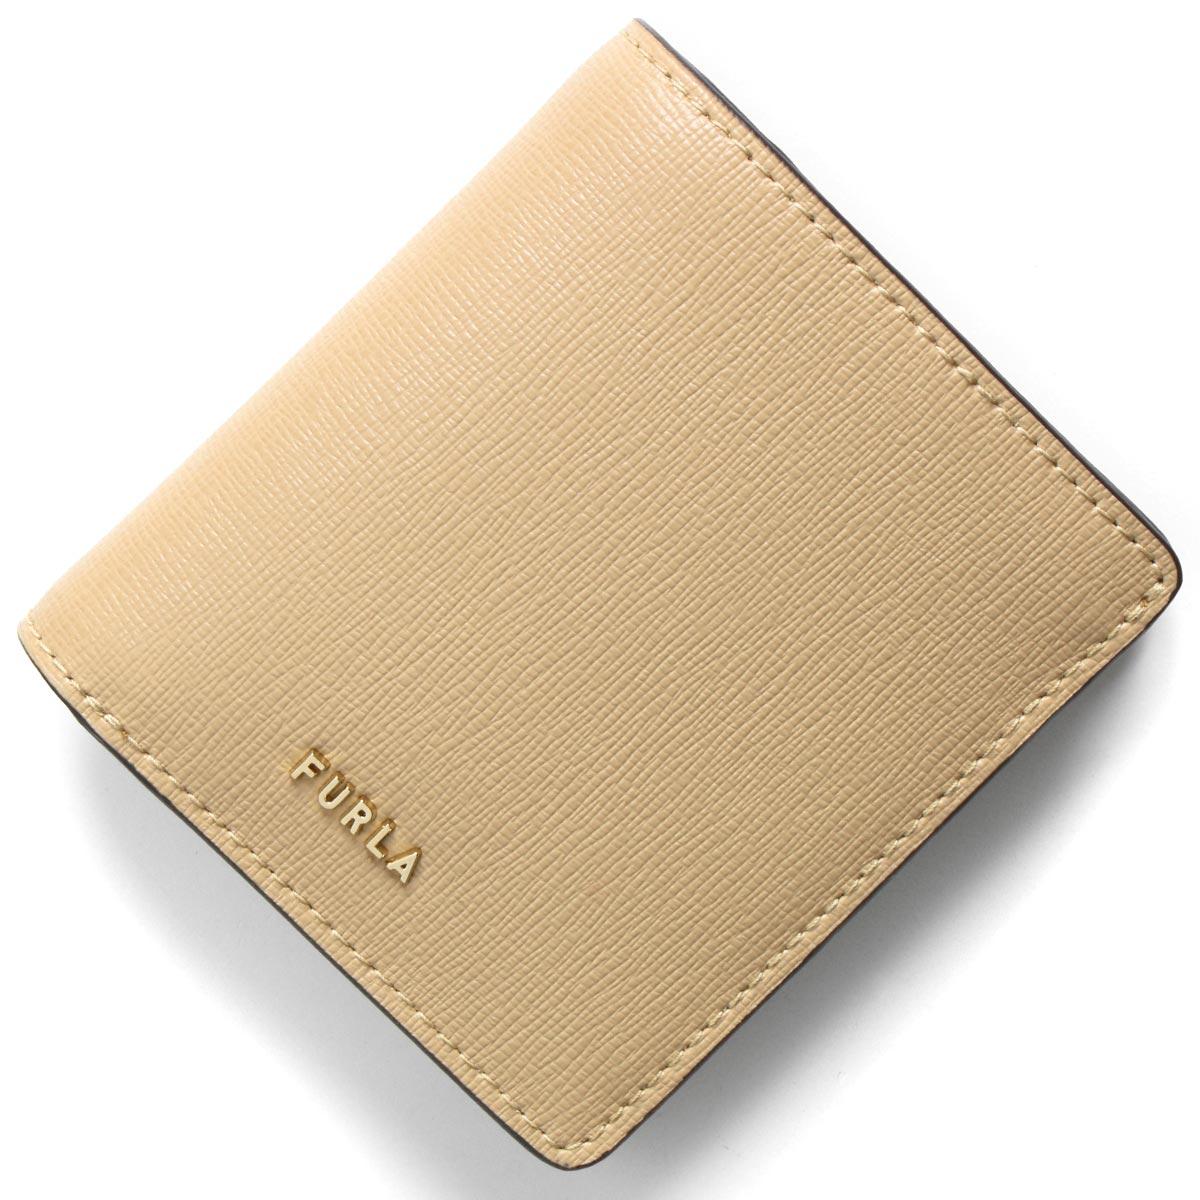 フルラ 二つ折り財布 財布 レディース バビロン スモール サンドベージュ PCY6 B30 02B 1057002 FURLA